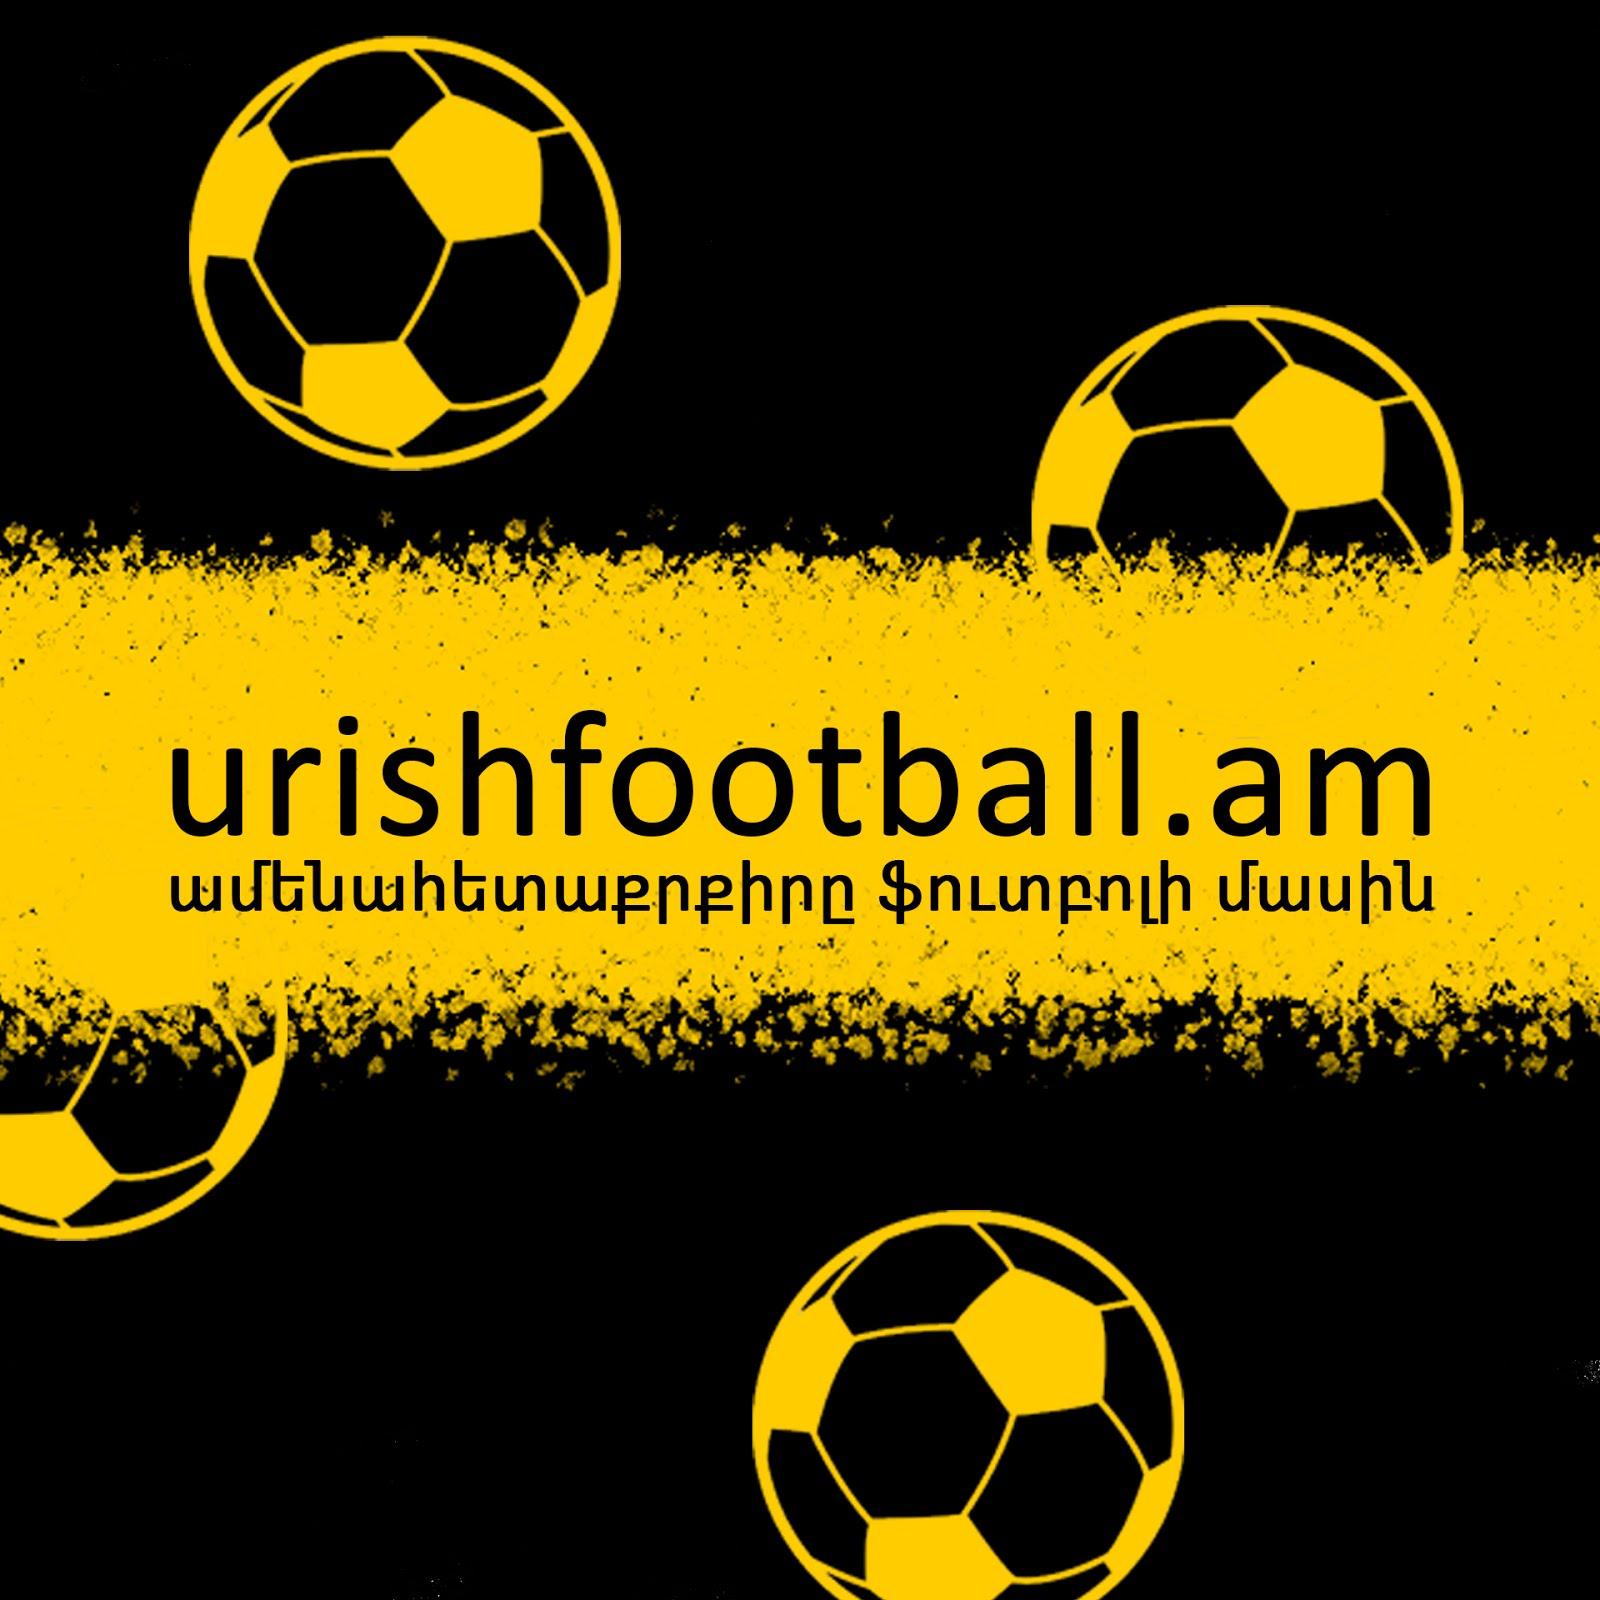 UrishFootball.am